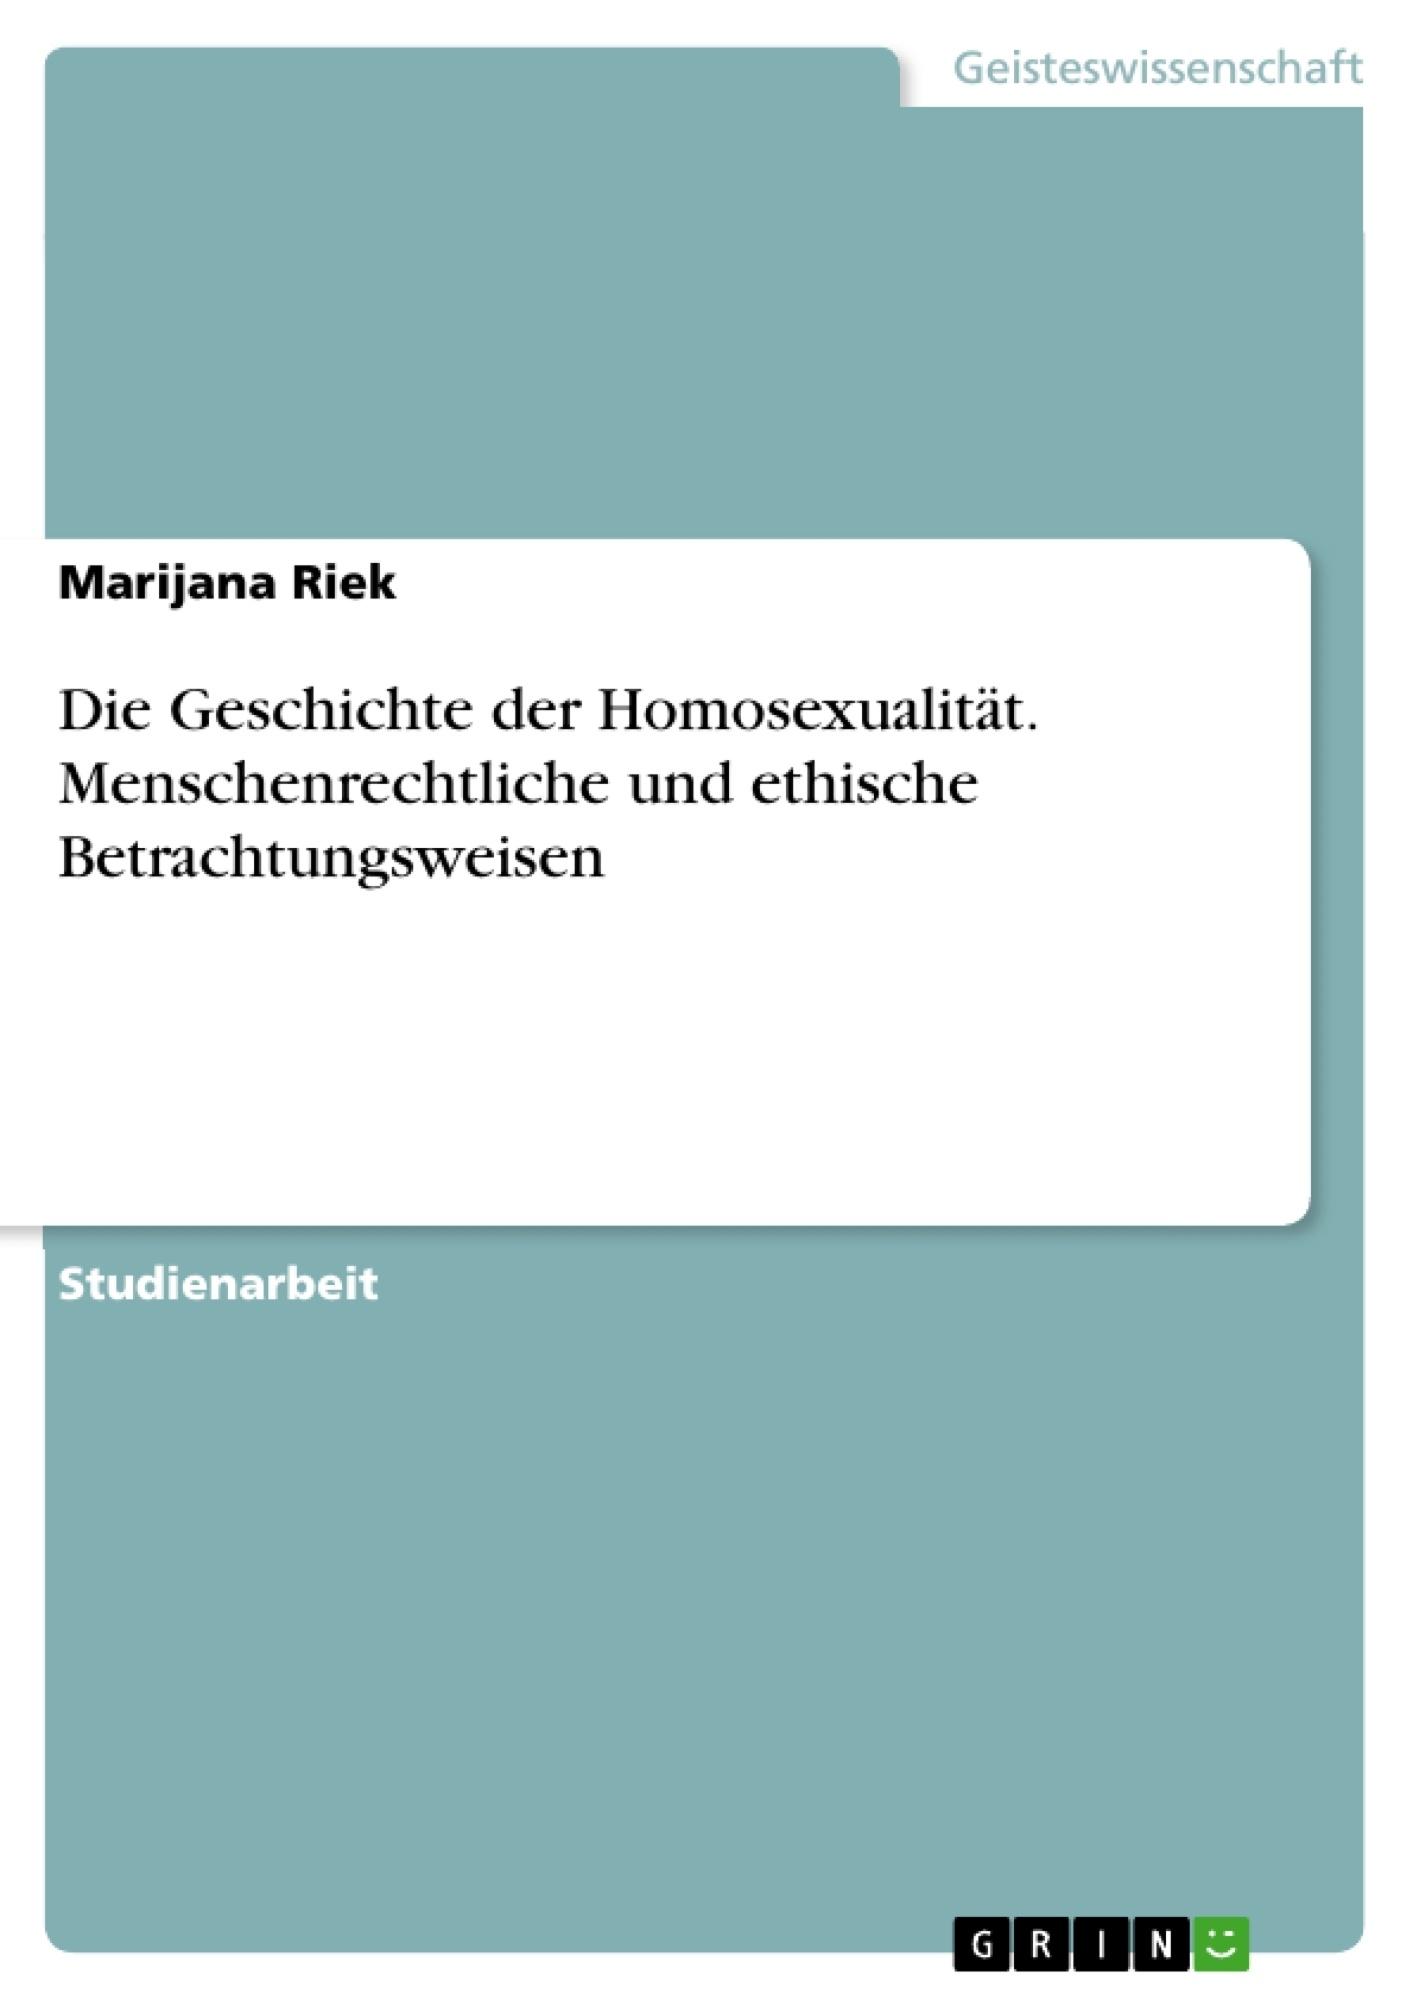 Titel: Die Geschichte der Homosexualität. Menschenrechtliche und ethische Betrachtungsweisen